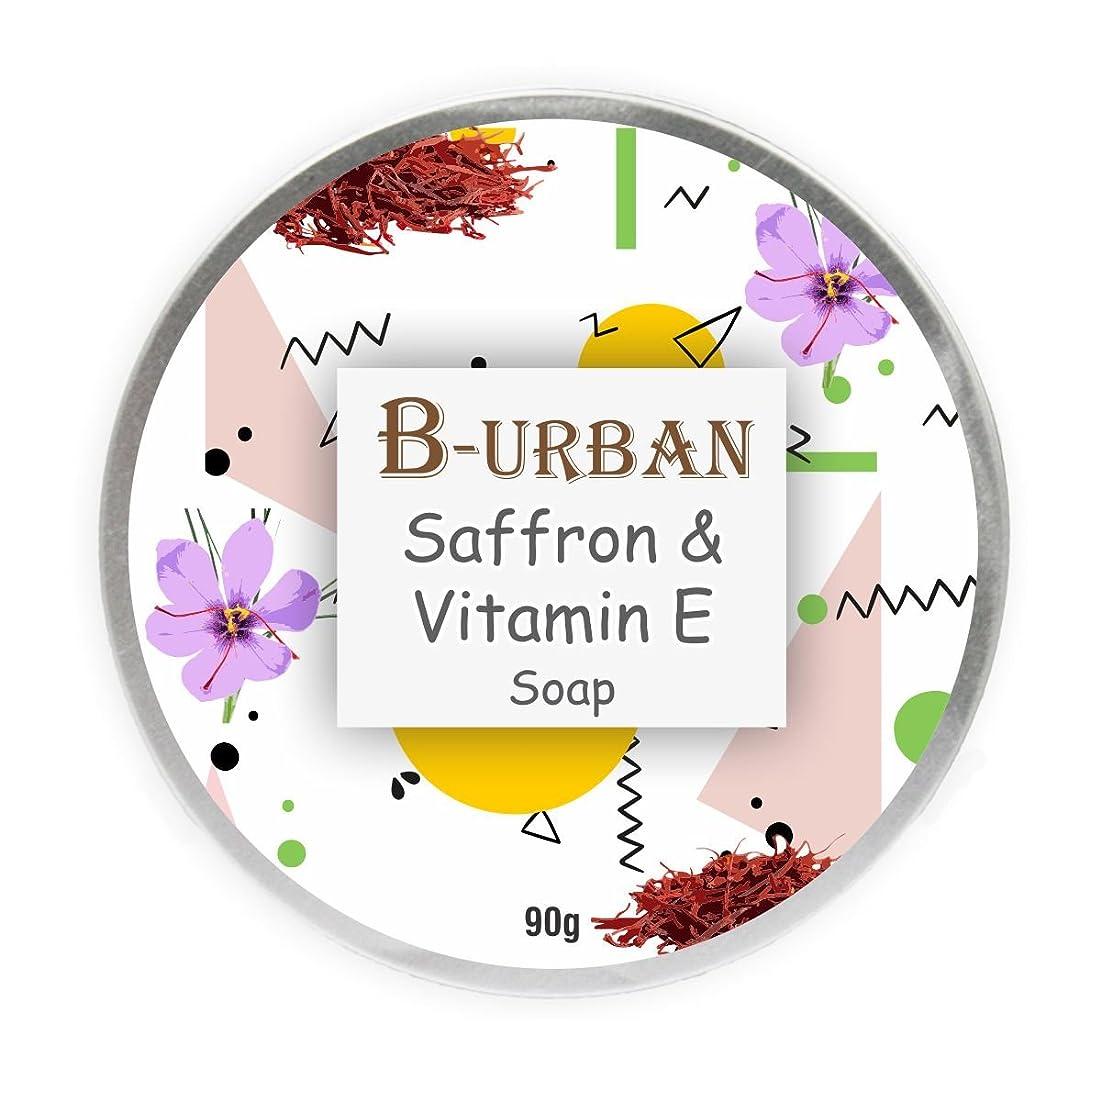 星不当さわやかB-URBAN SAFFRON & VITAMIN E SOAP MADE WITH NATURAL AND ORGANIC INGREDIENTS. PARABEN AND SULPHATE FREE. SOAP FOR SENSITIVE SKIN. COMES IN A UNIQUE ALUMINIUM BOX PACK